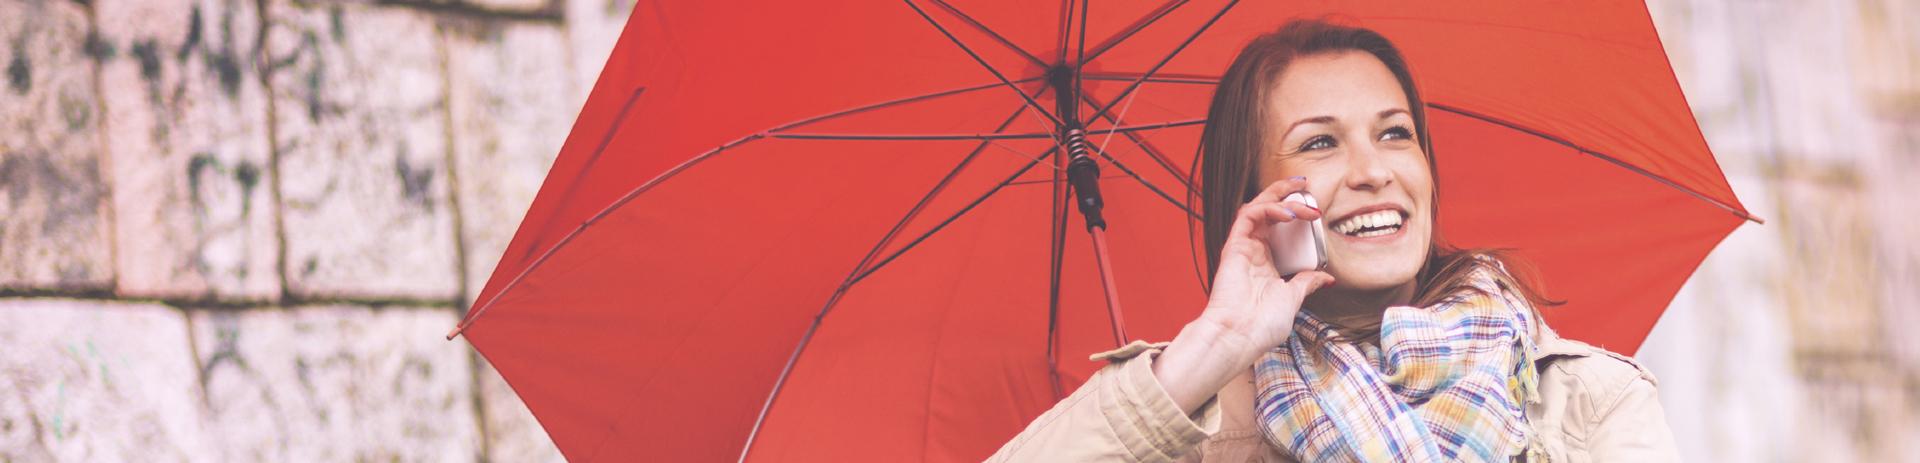 Frau unter einem roten Regenschirm, die telefoniert